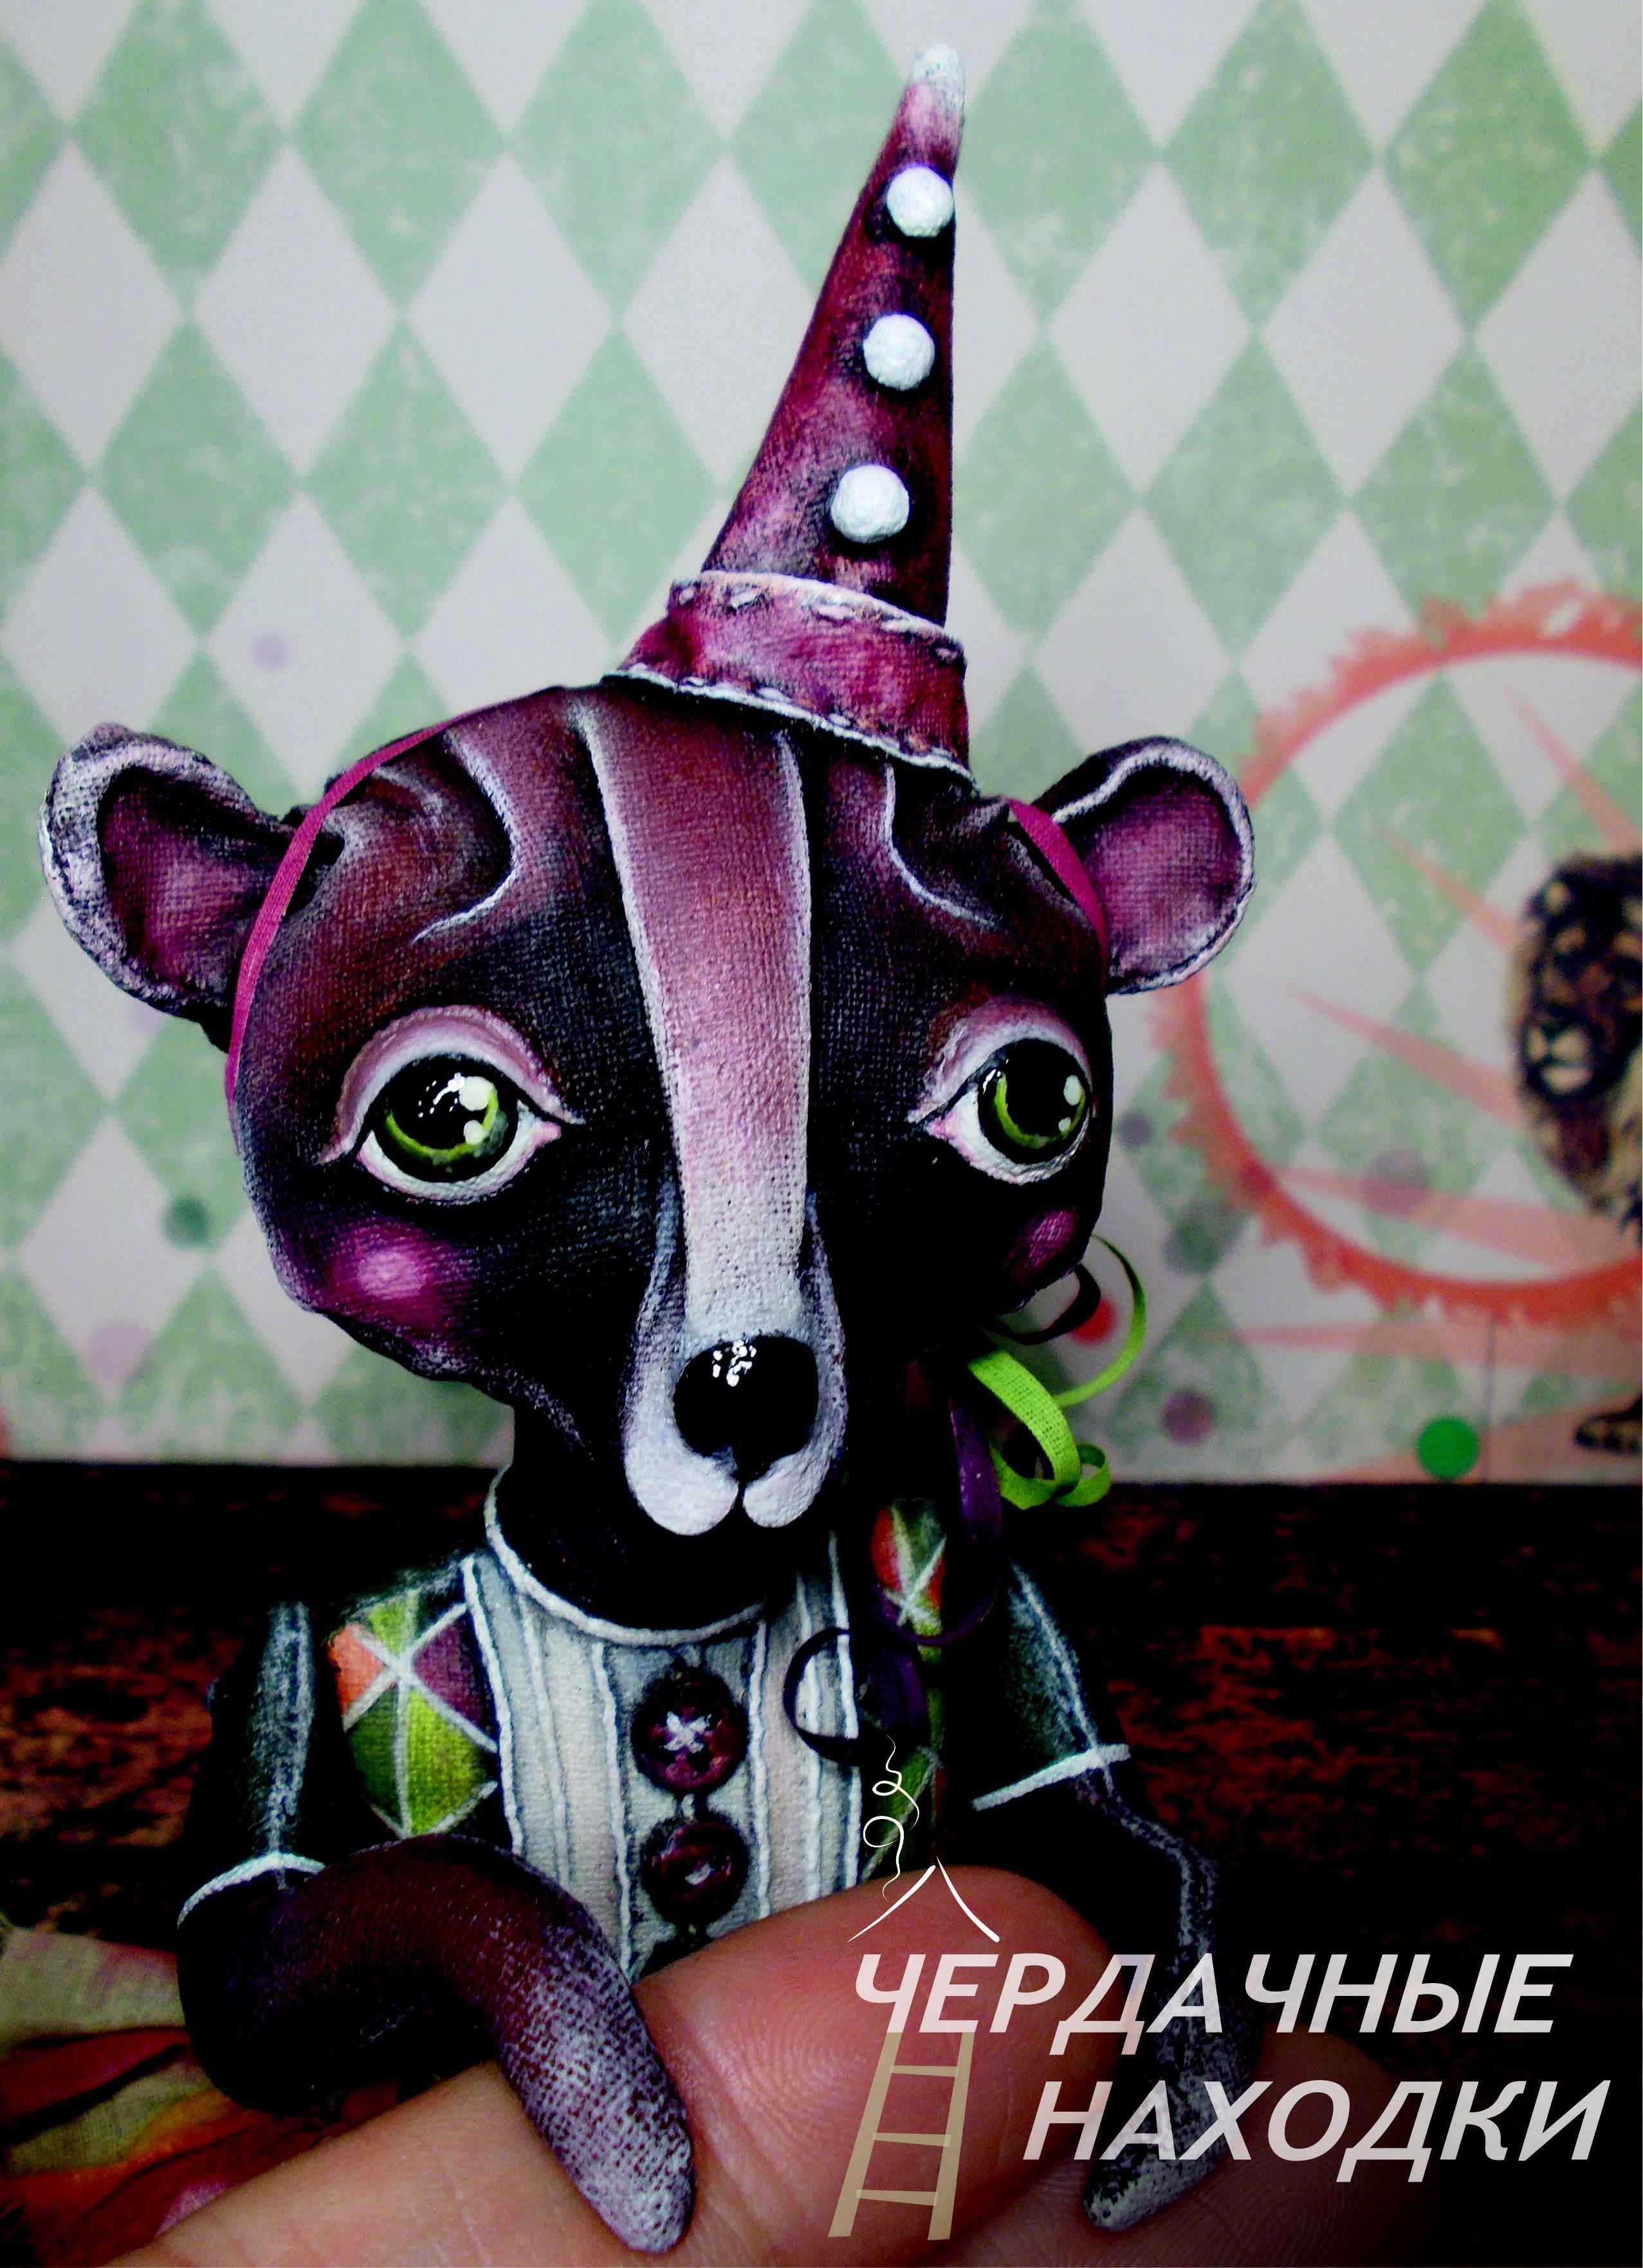 бязь handmade цирк сувенир мишкатедди акрил подарок мишка ручнаяработа